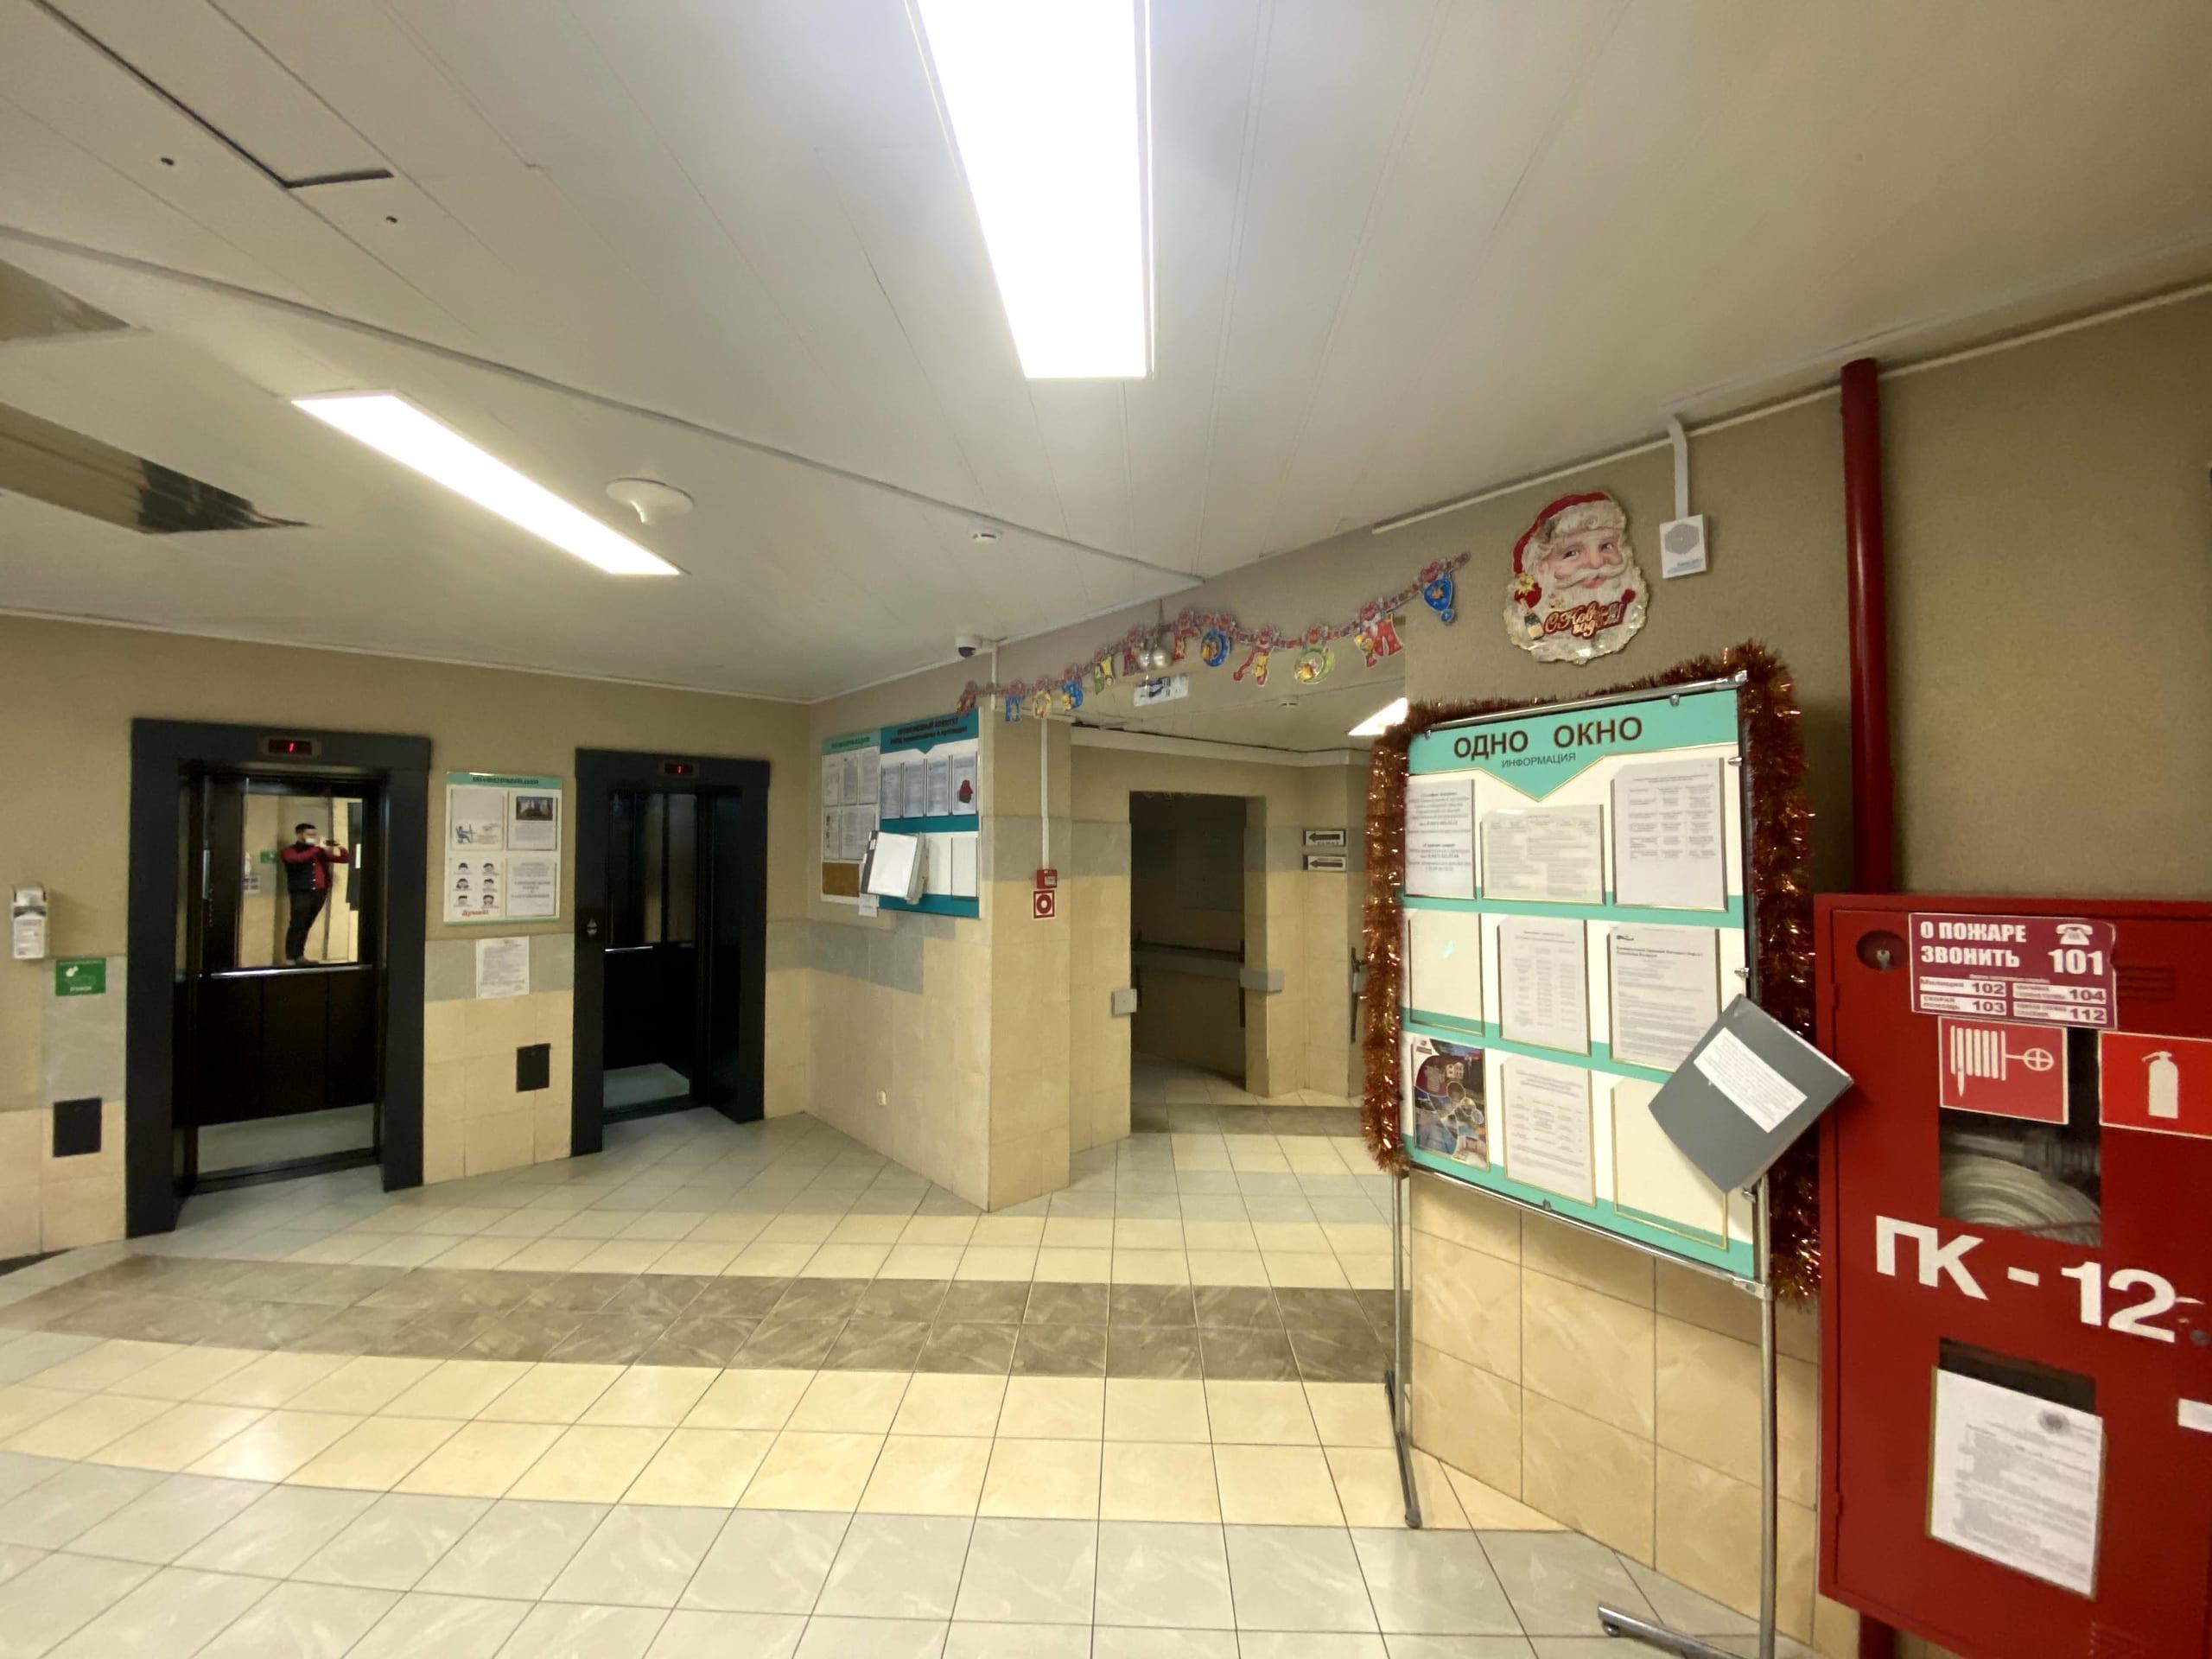 Система пожарной сигнализации в больничном помещении